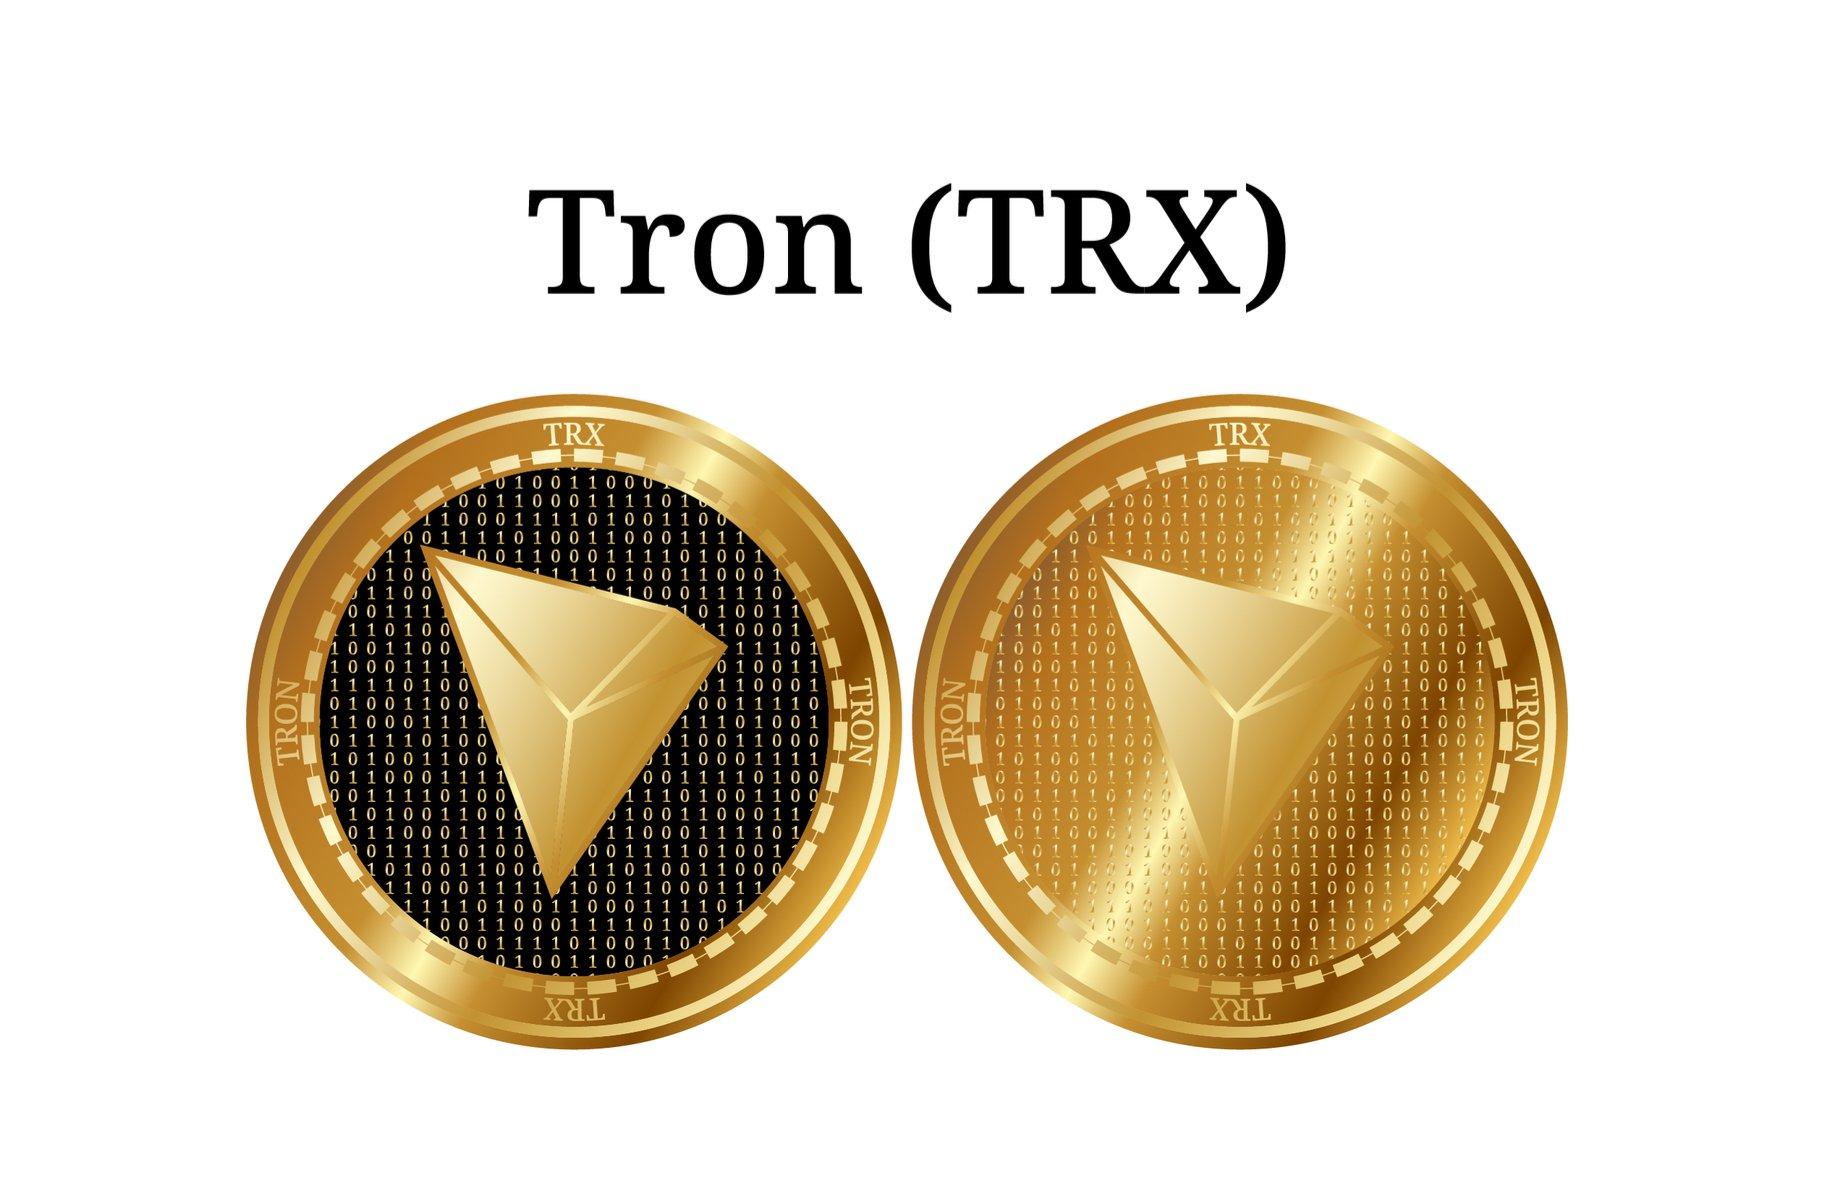 golden Tron coins